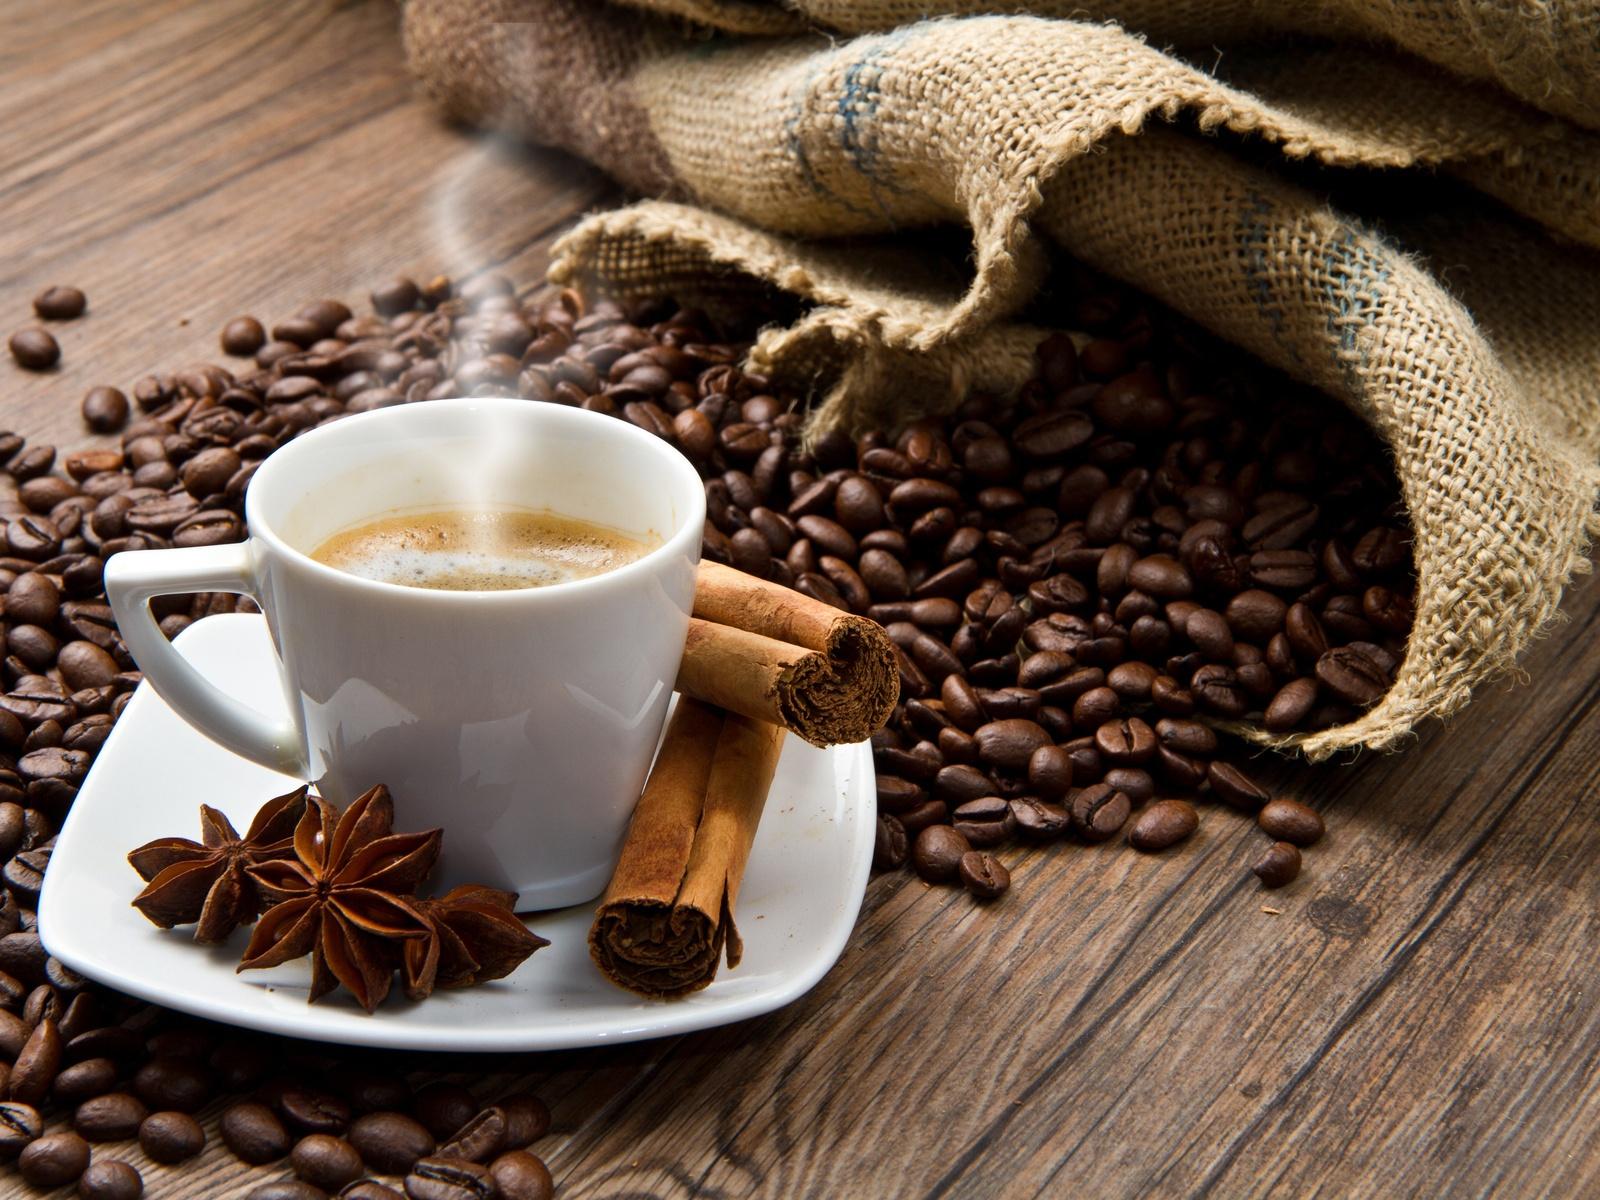 7 советов, как оставаться продуктивным без кофеина - 1